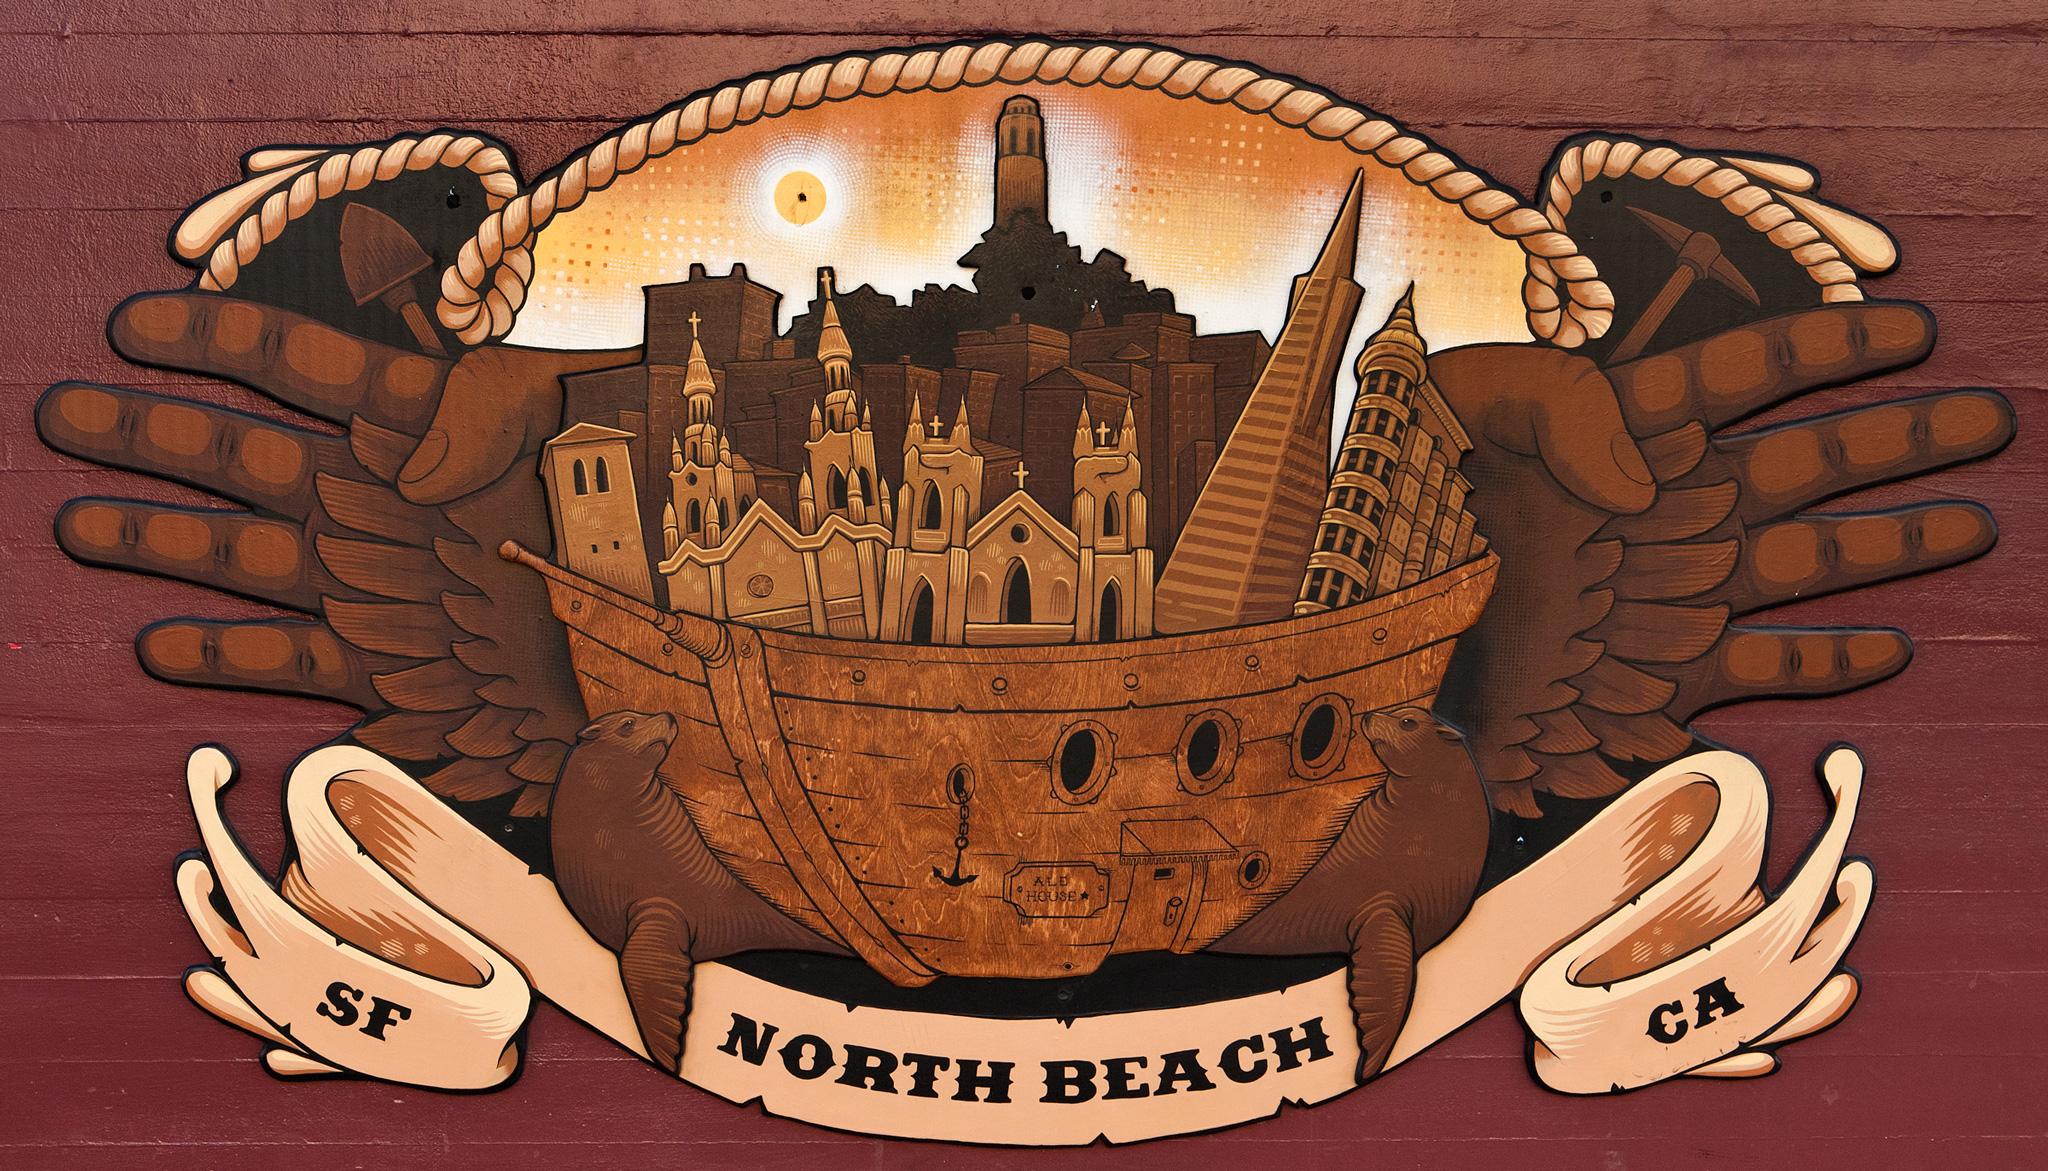 NORTH-BEACH-SHIP-MURAL where is this